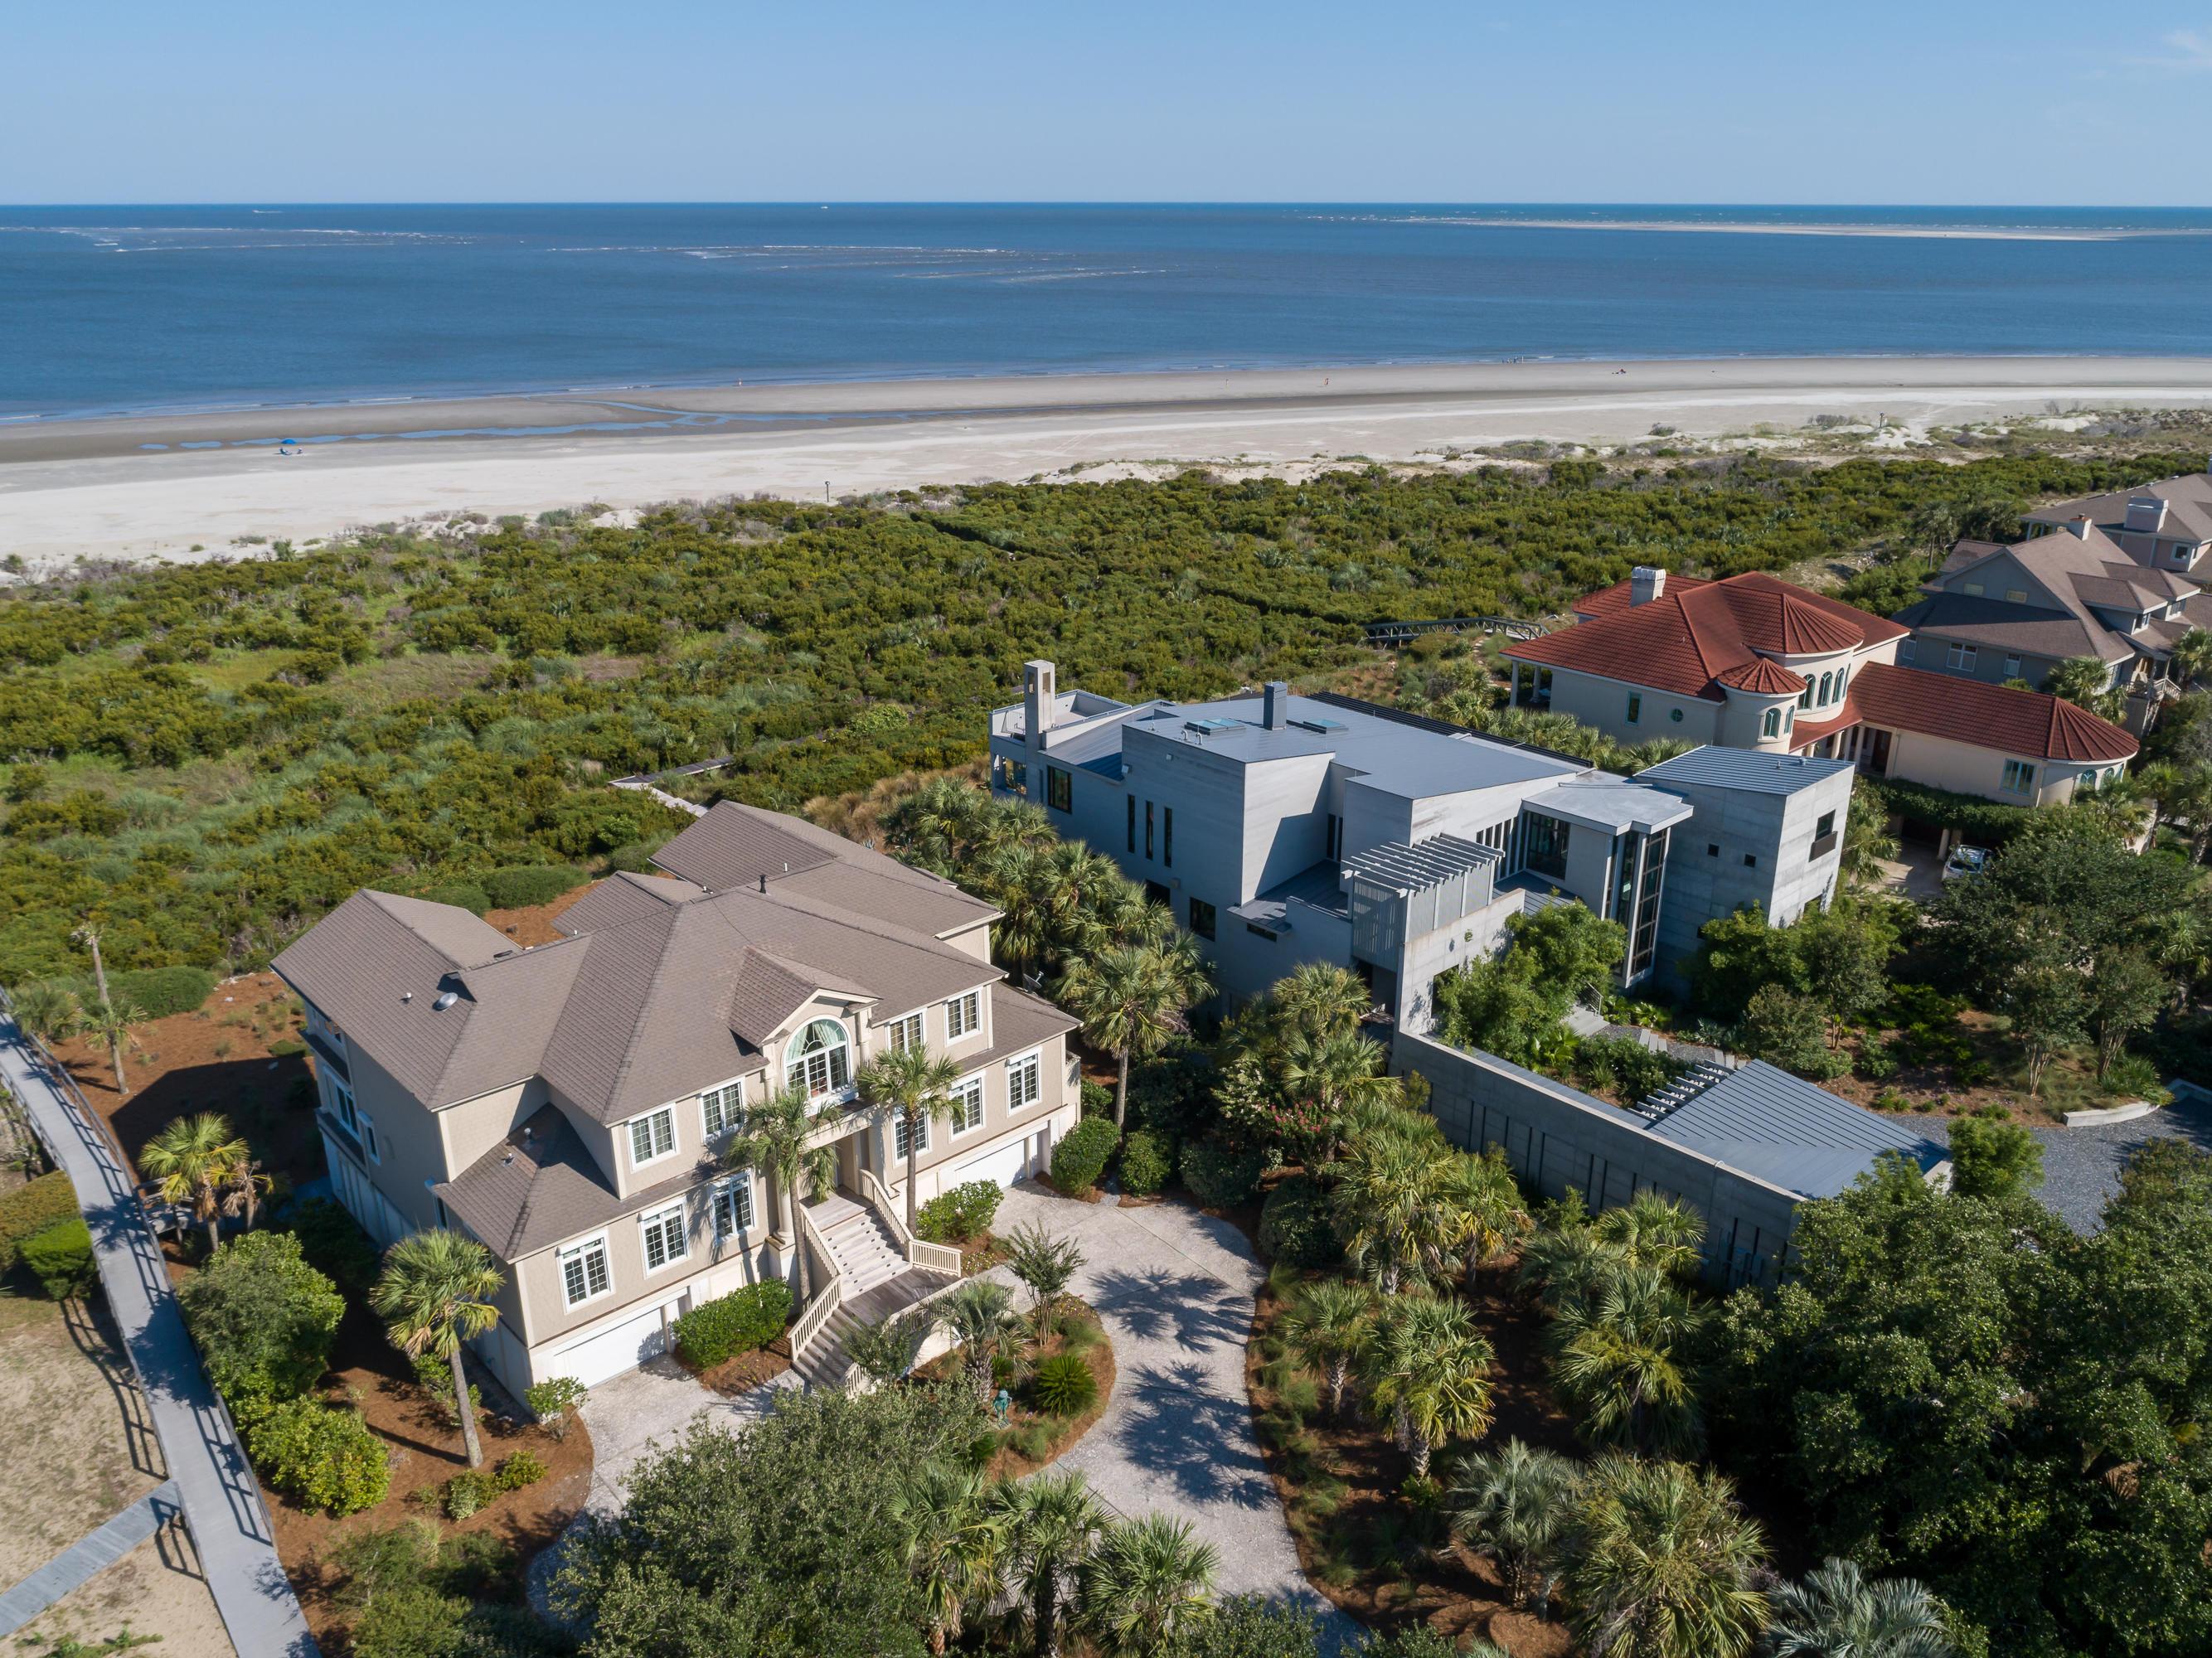 Seabrook Island Homes For Sale - 3640 Pompano, Seabrook Island, SC - 15